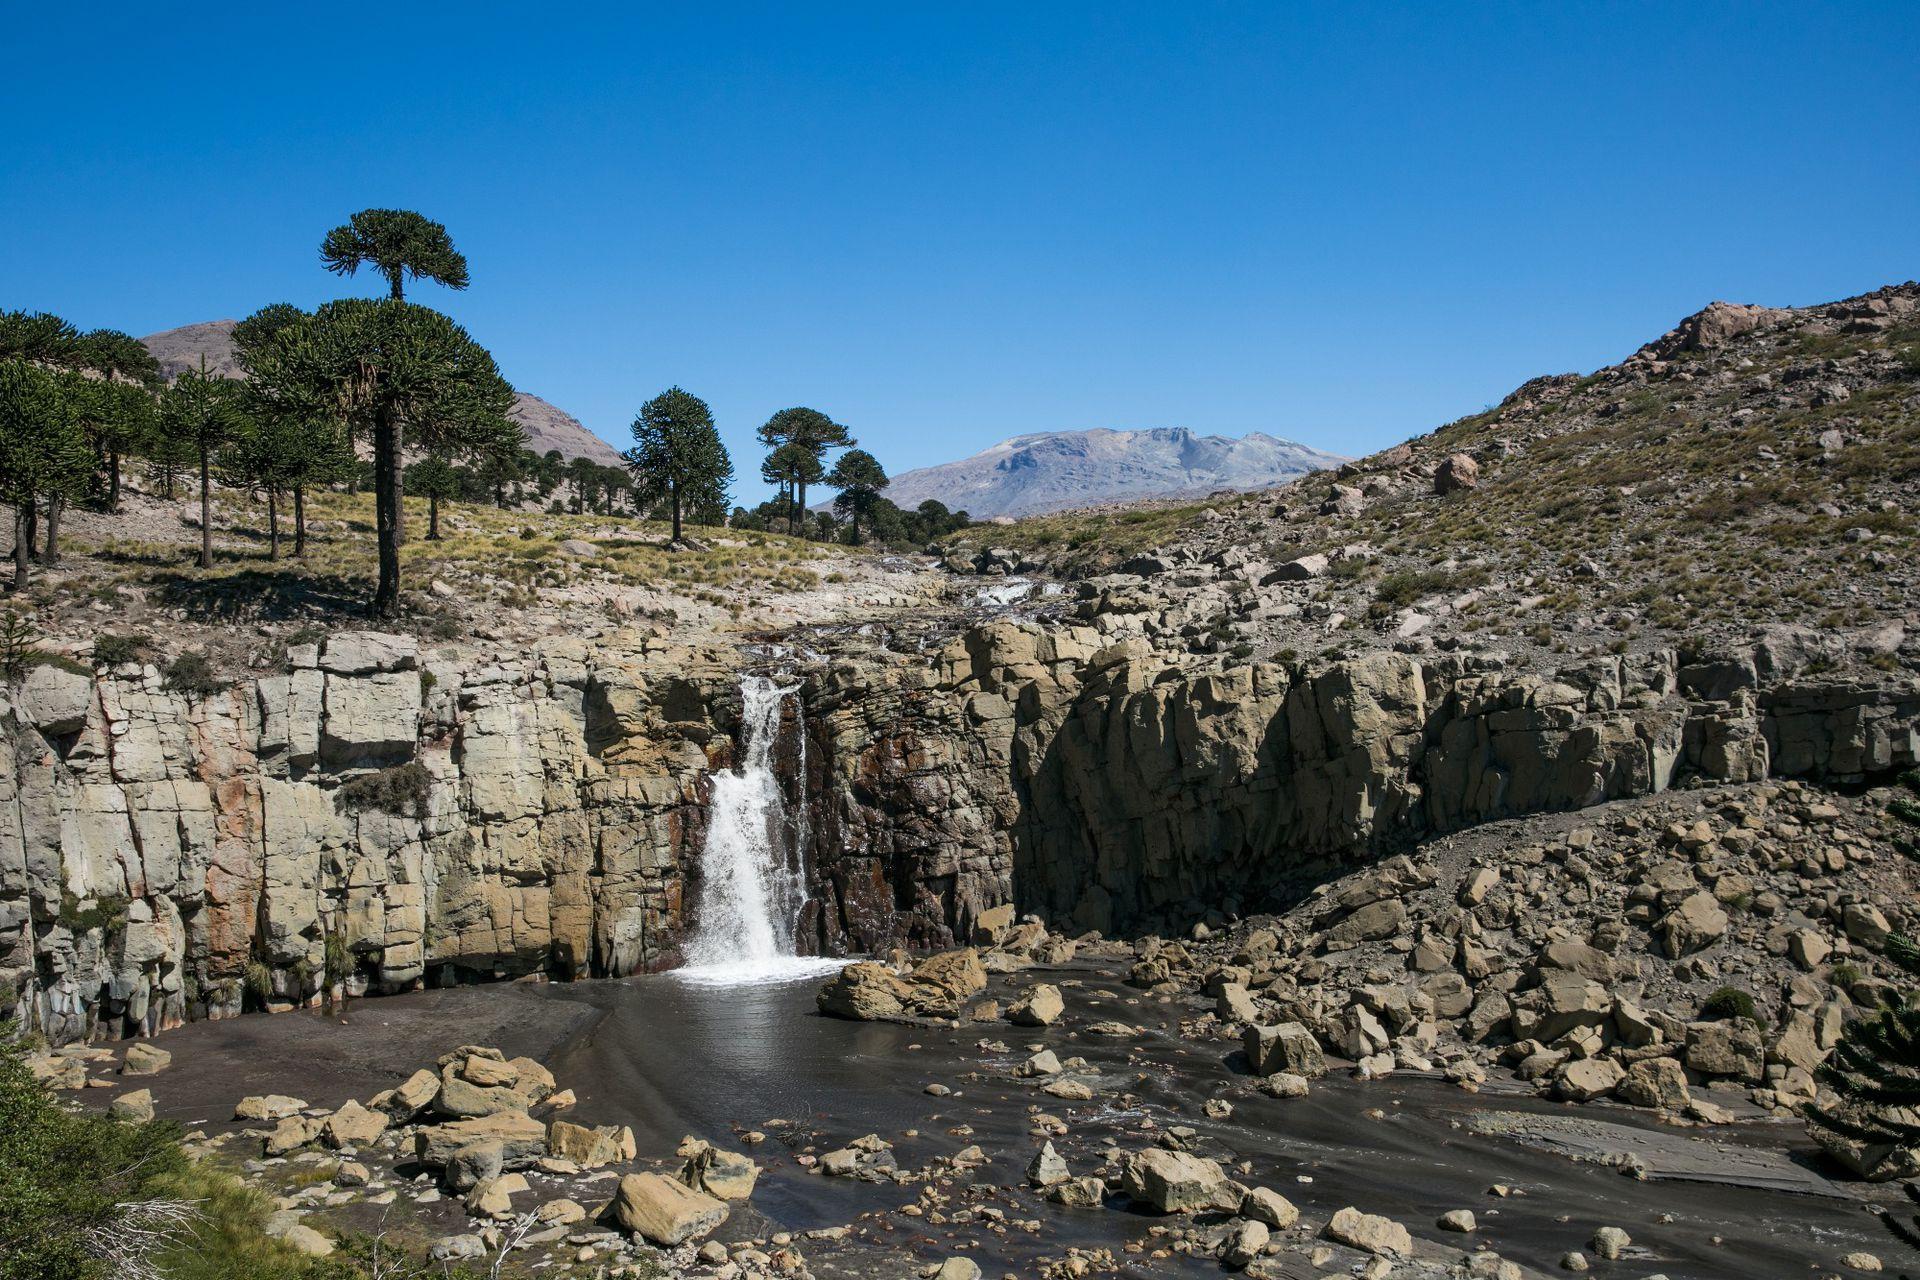 La cascada del Gigante, sorprendente formación, parte del circuito de las Siete Cascadas.